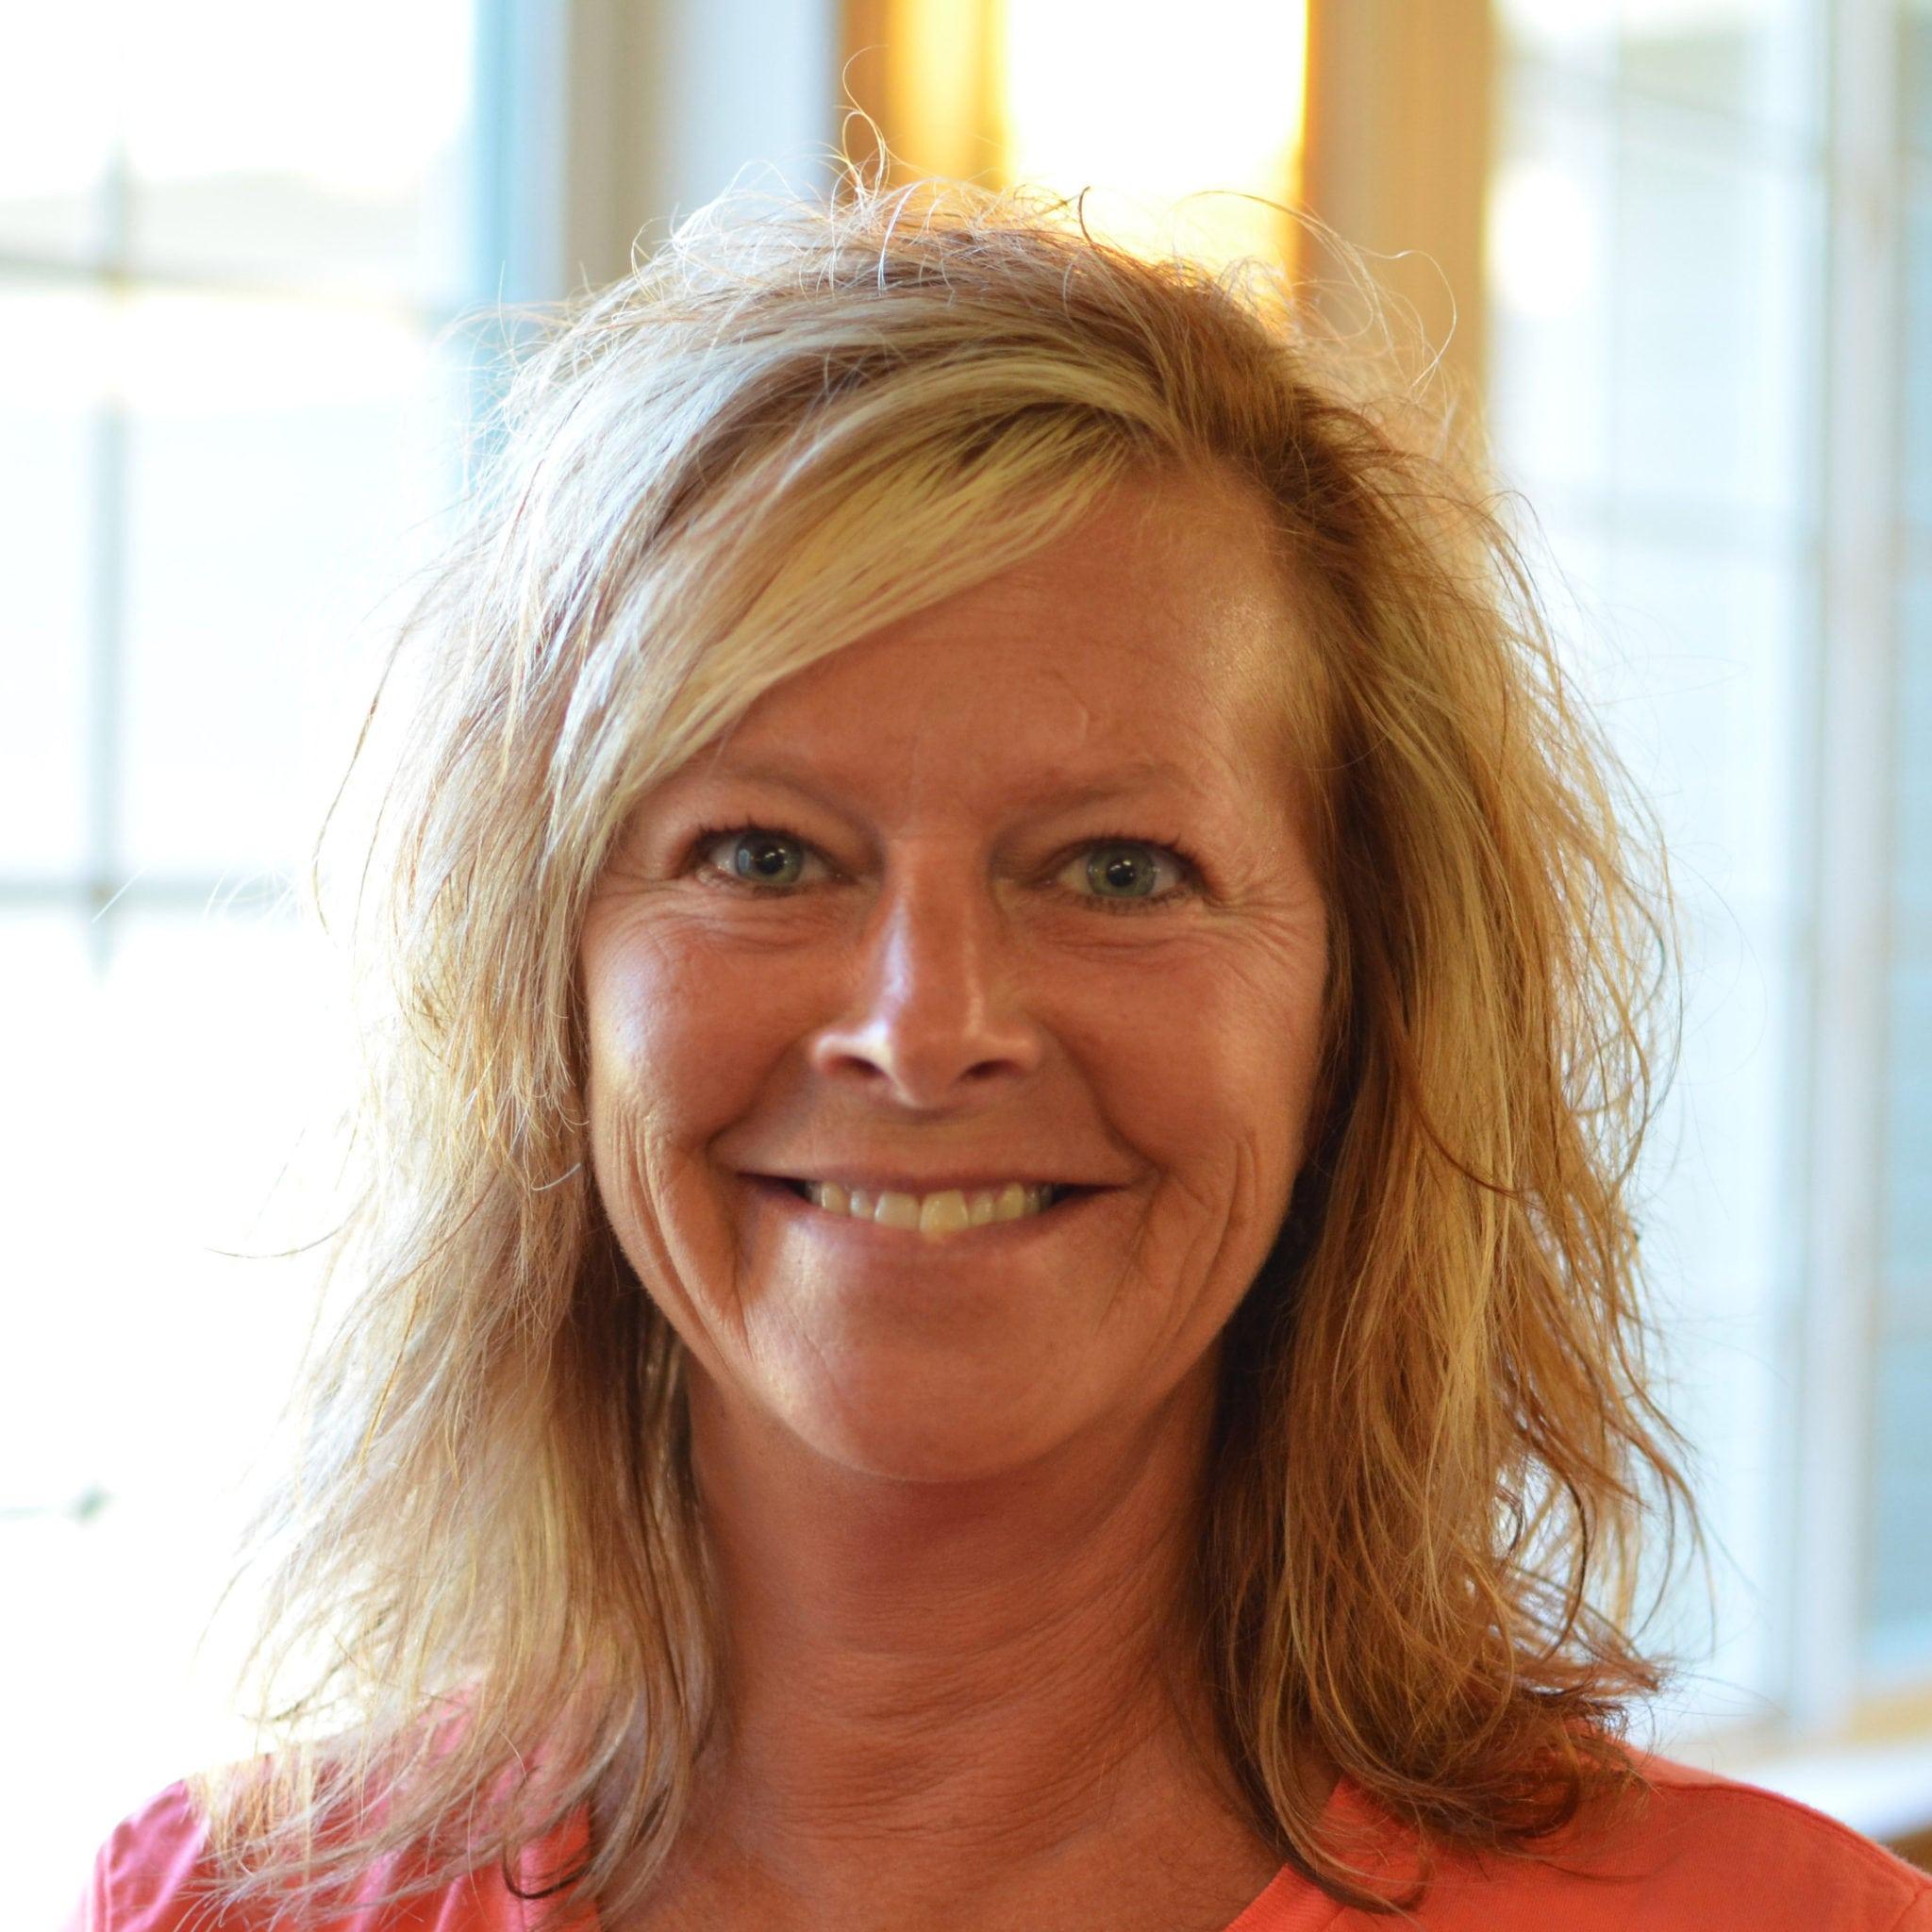 Melanie Klinkhammer   Kinder Care Assisted Living